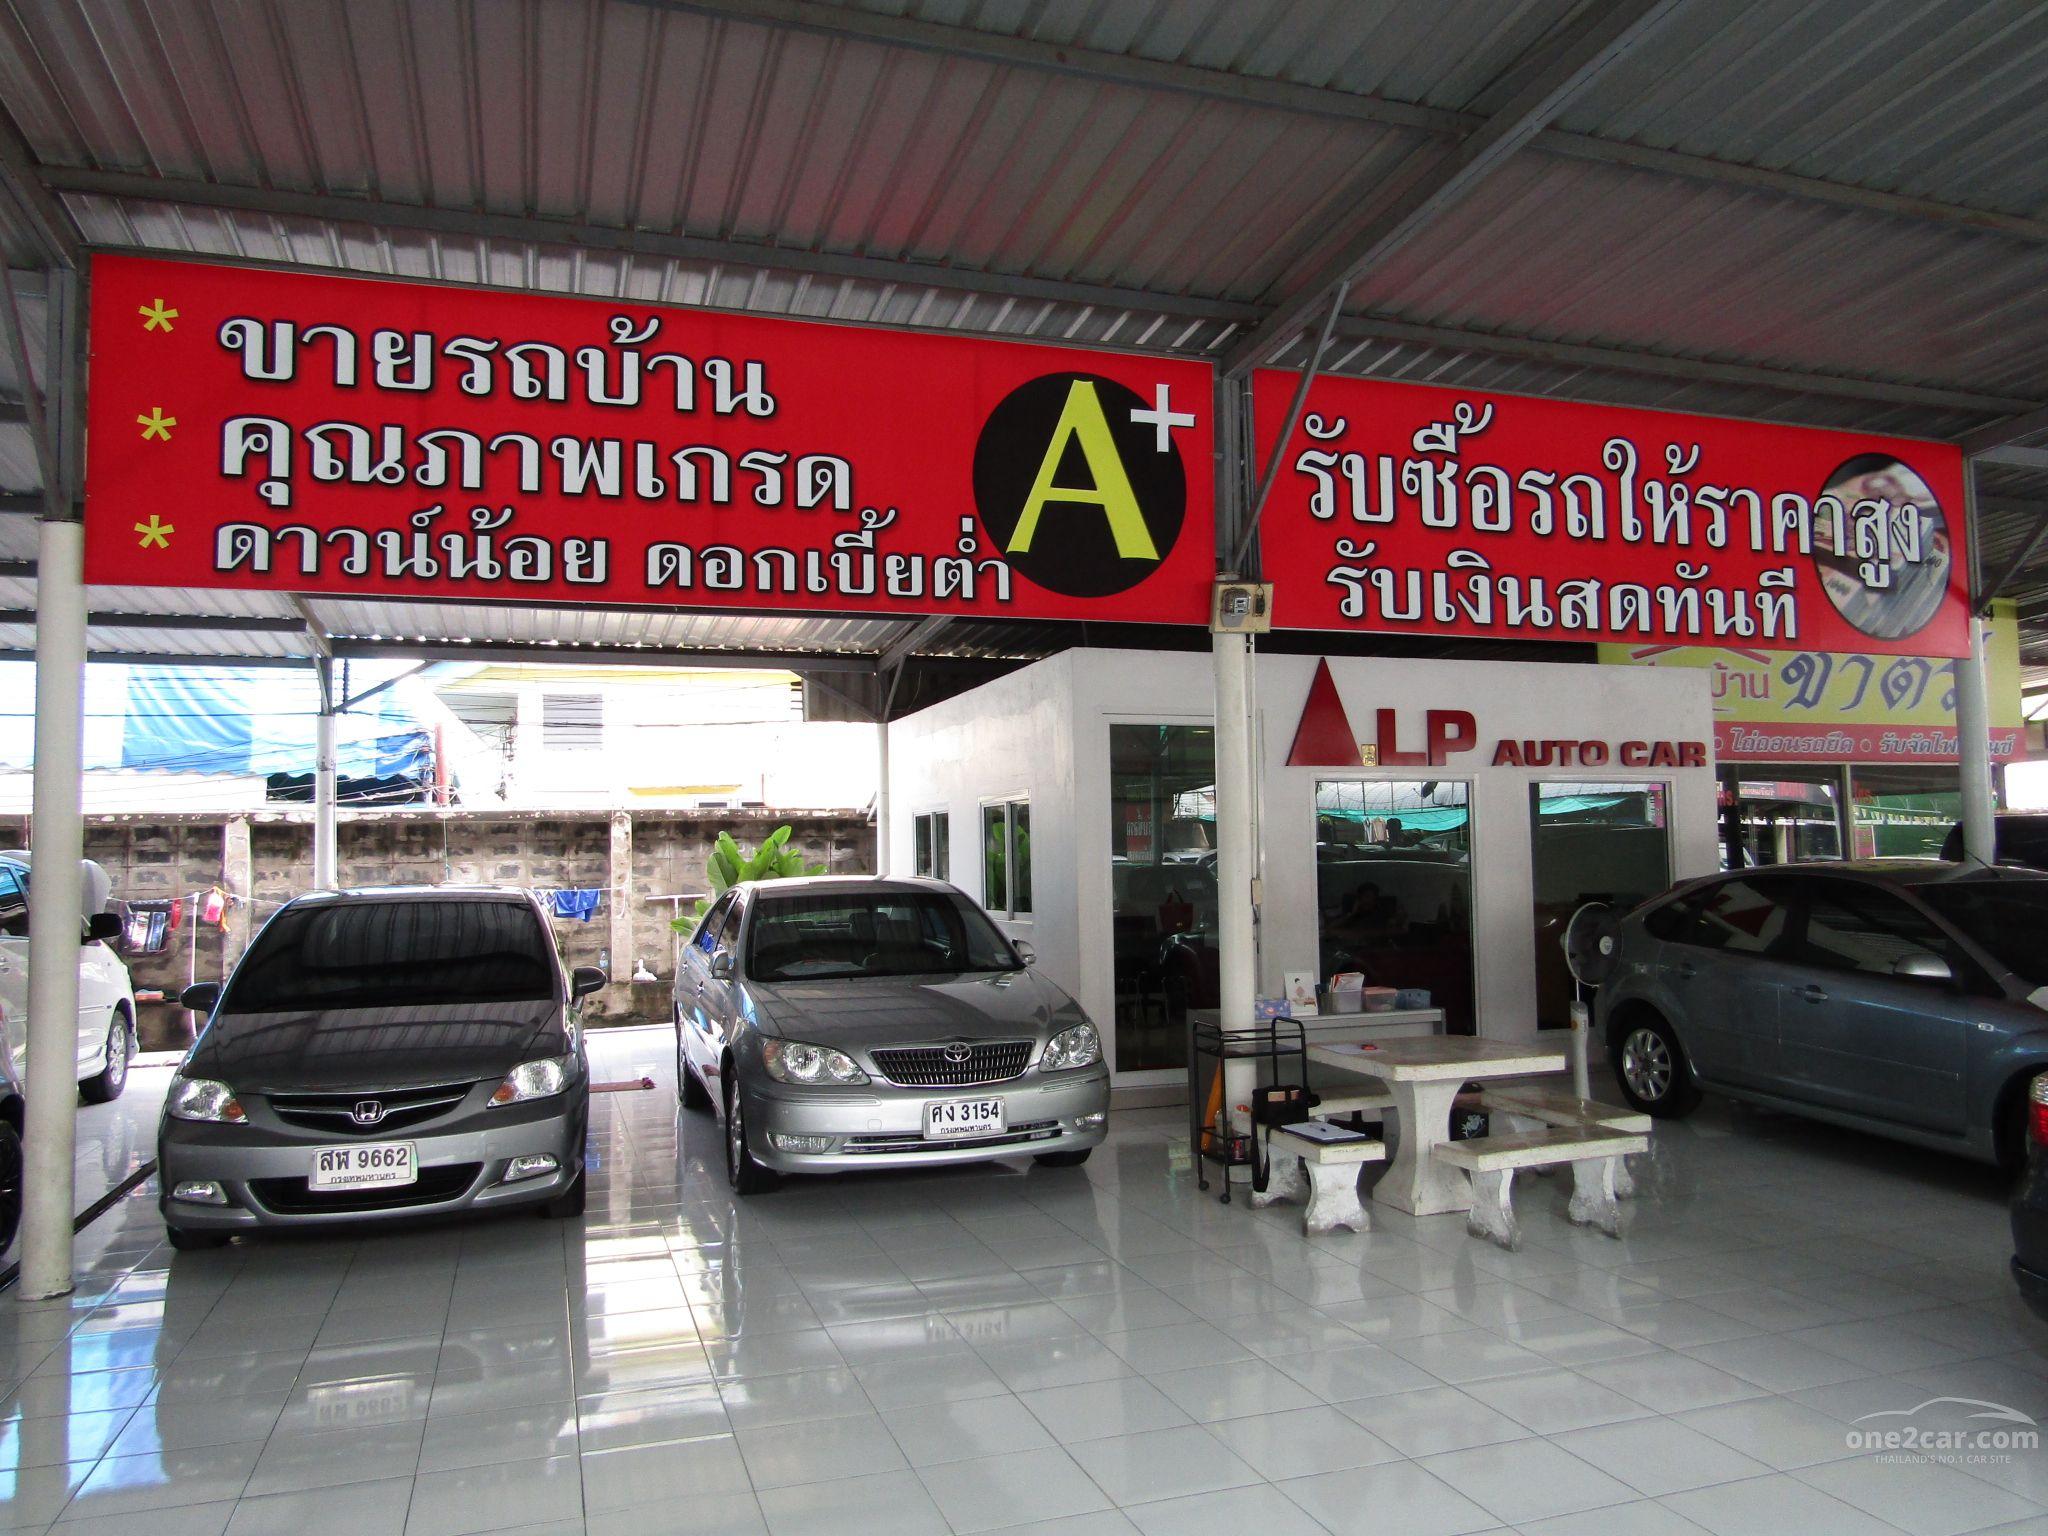 LP. AUTOCAR